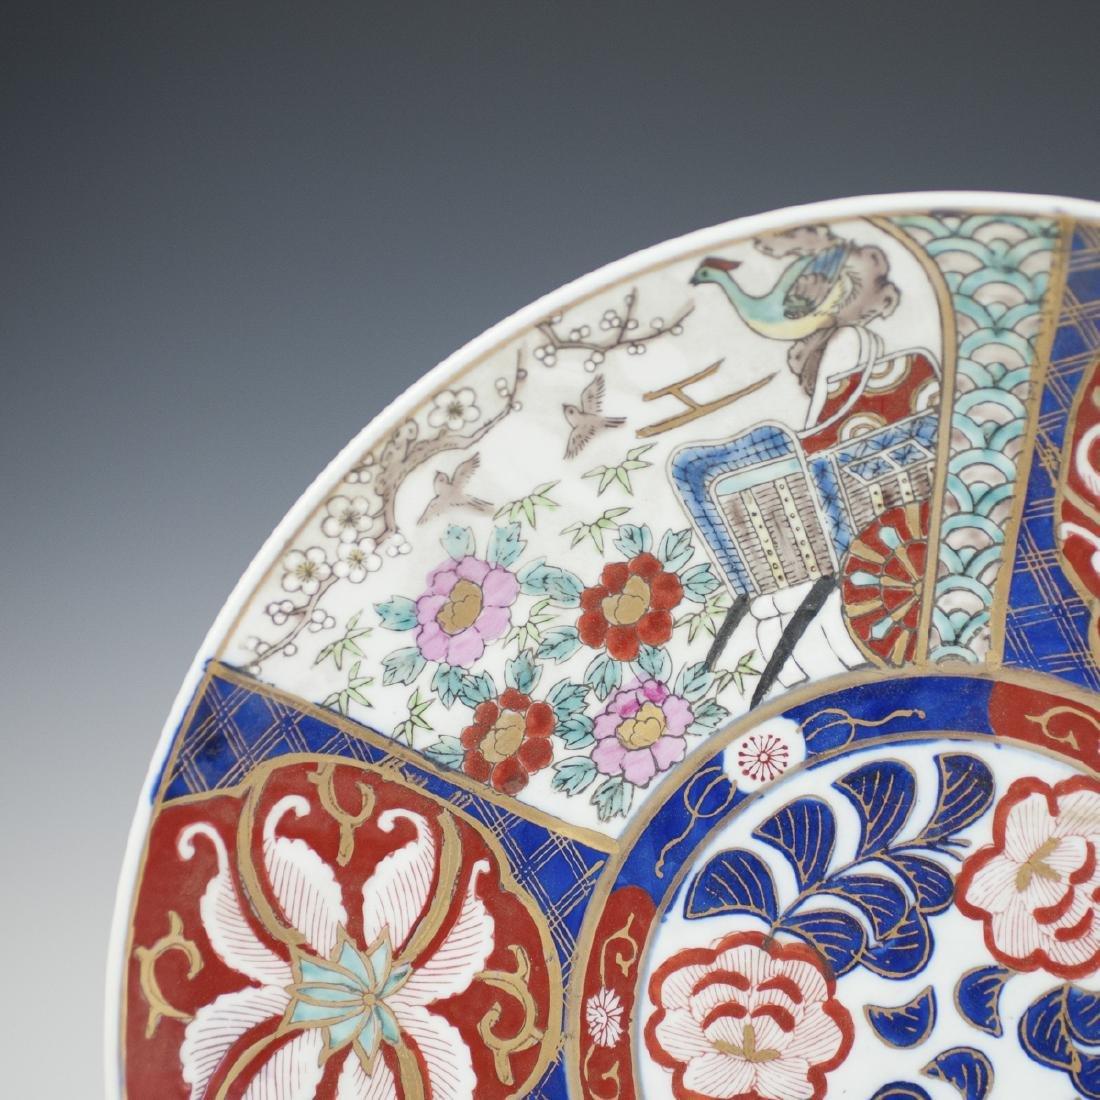 Japanese Imari Enameled Porcelain Charger - 2